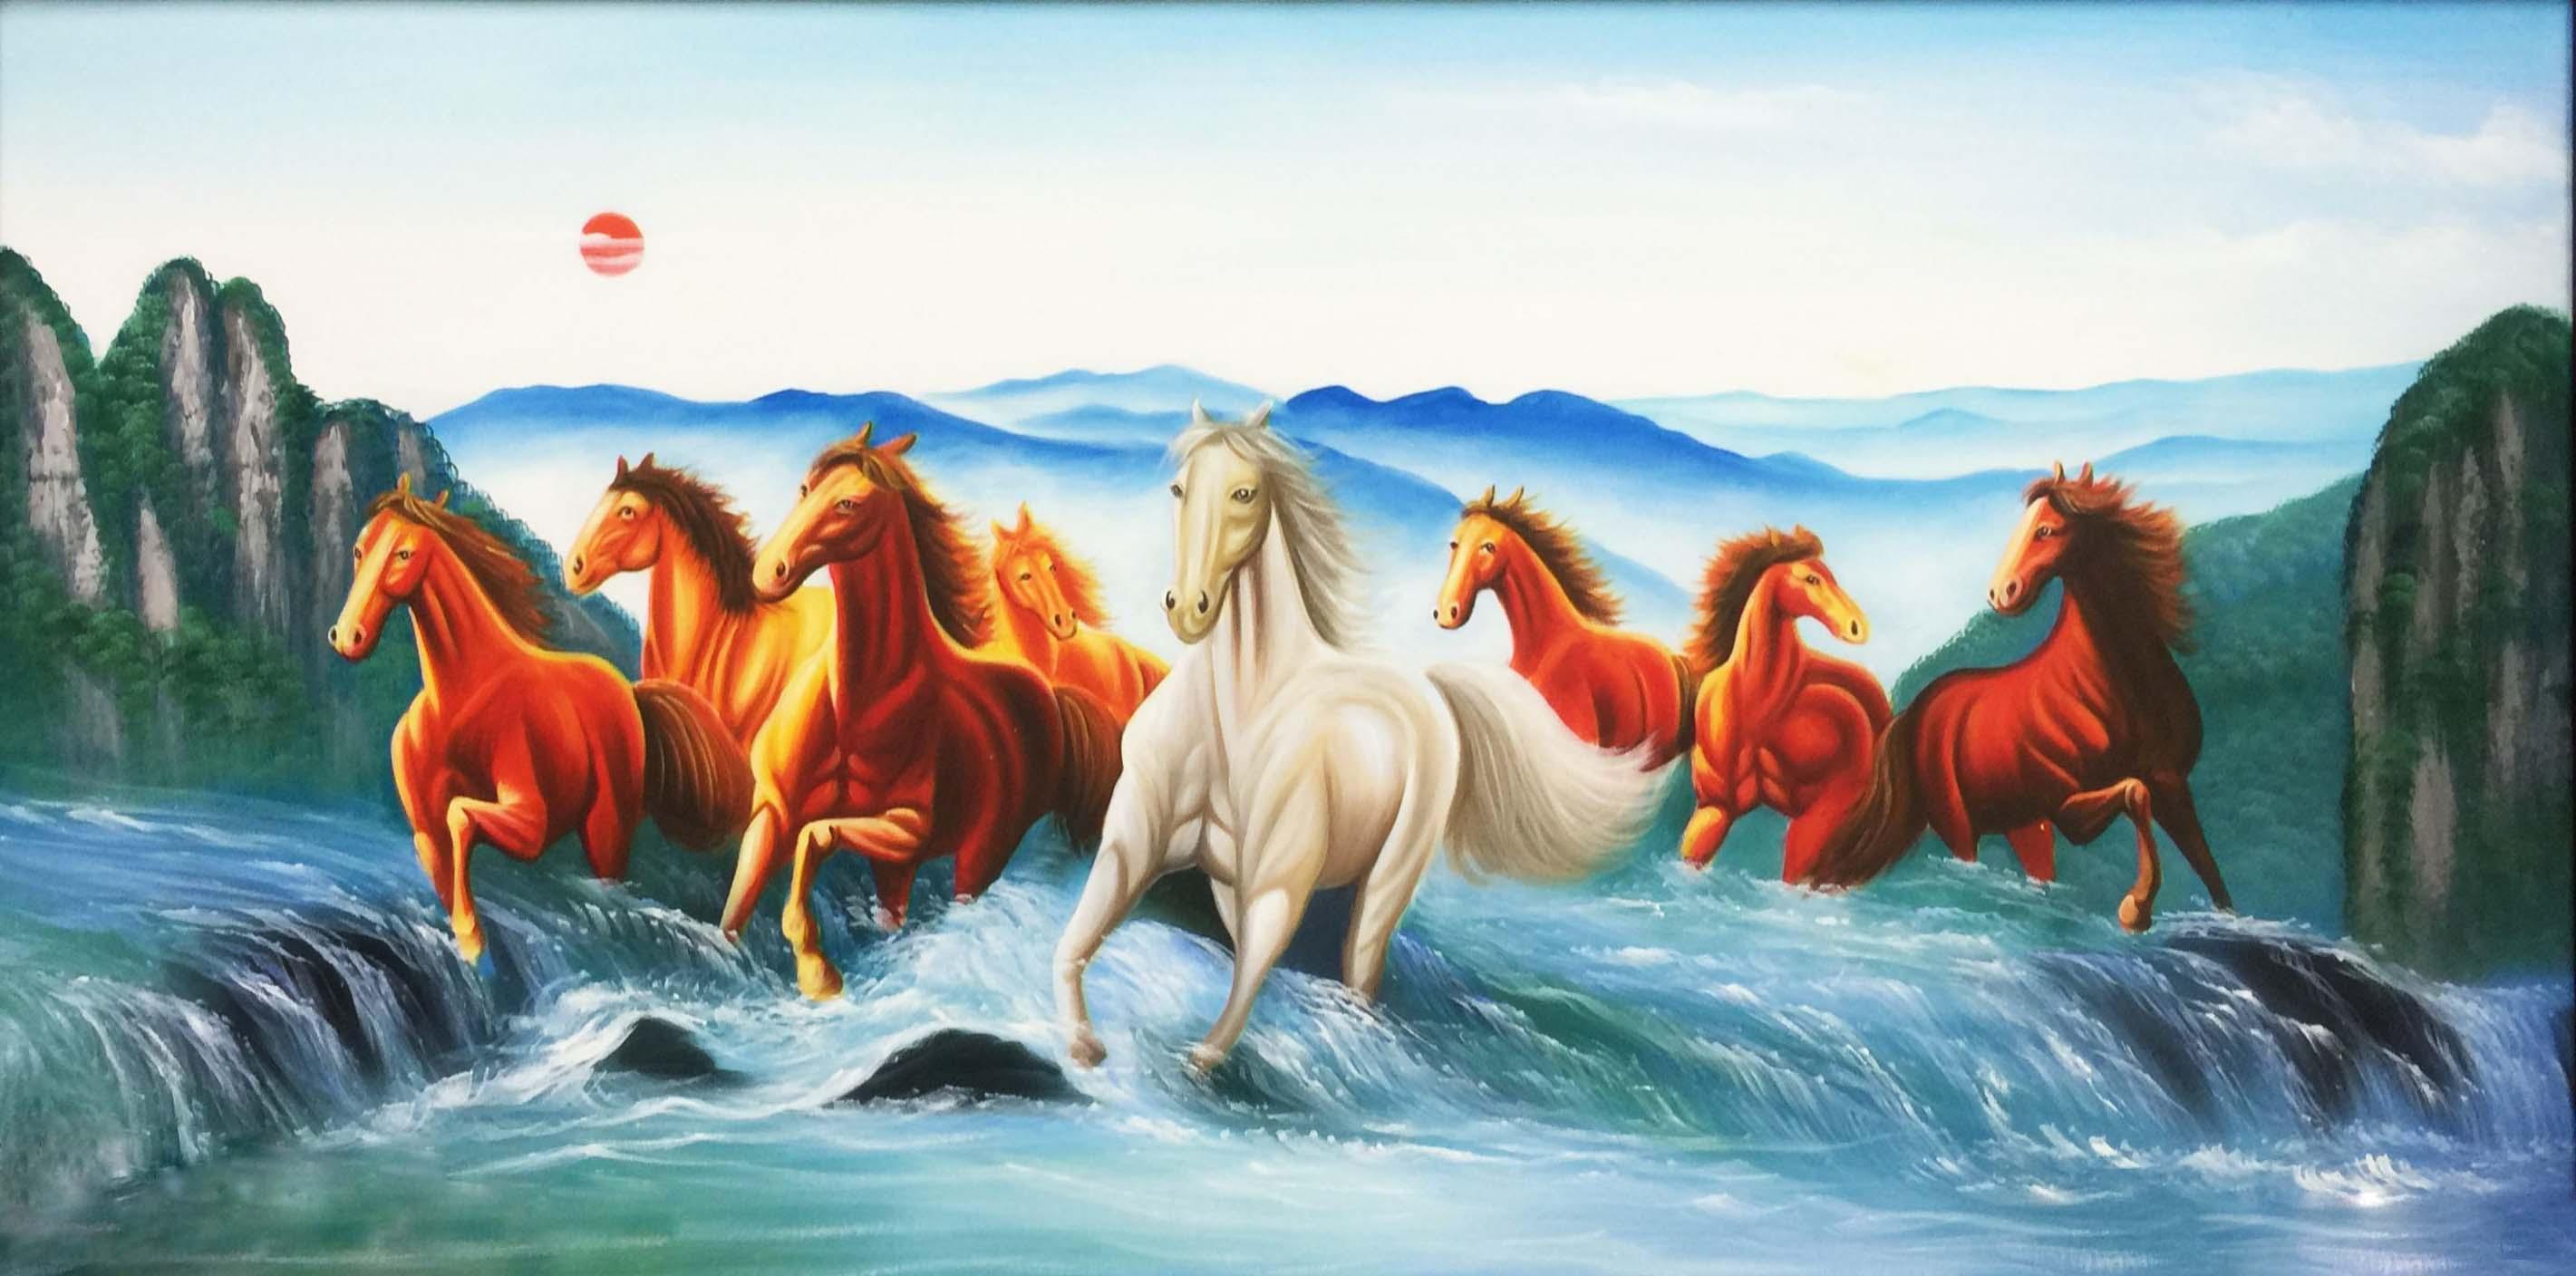 Tranh ngựa mã đáo thành công có núi